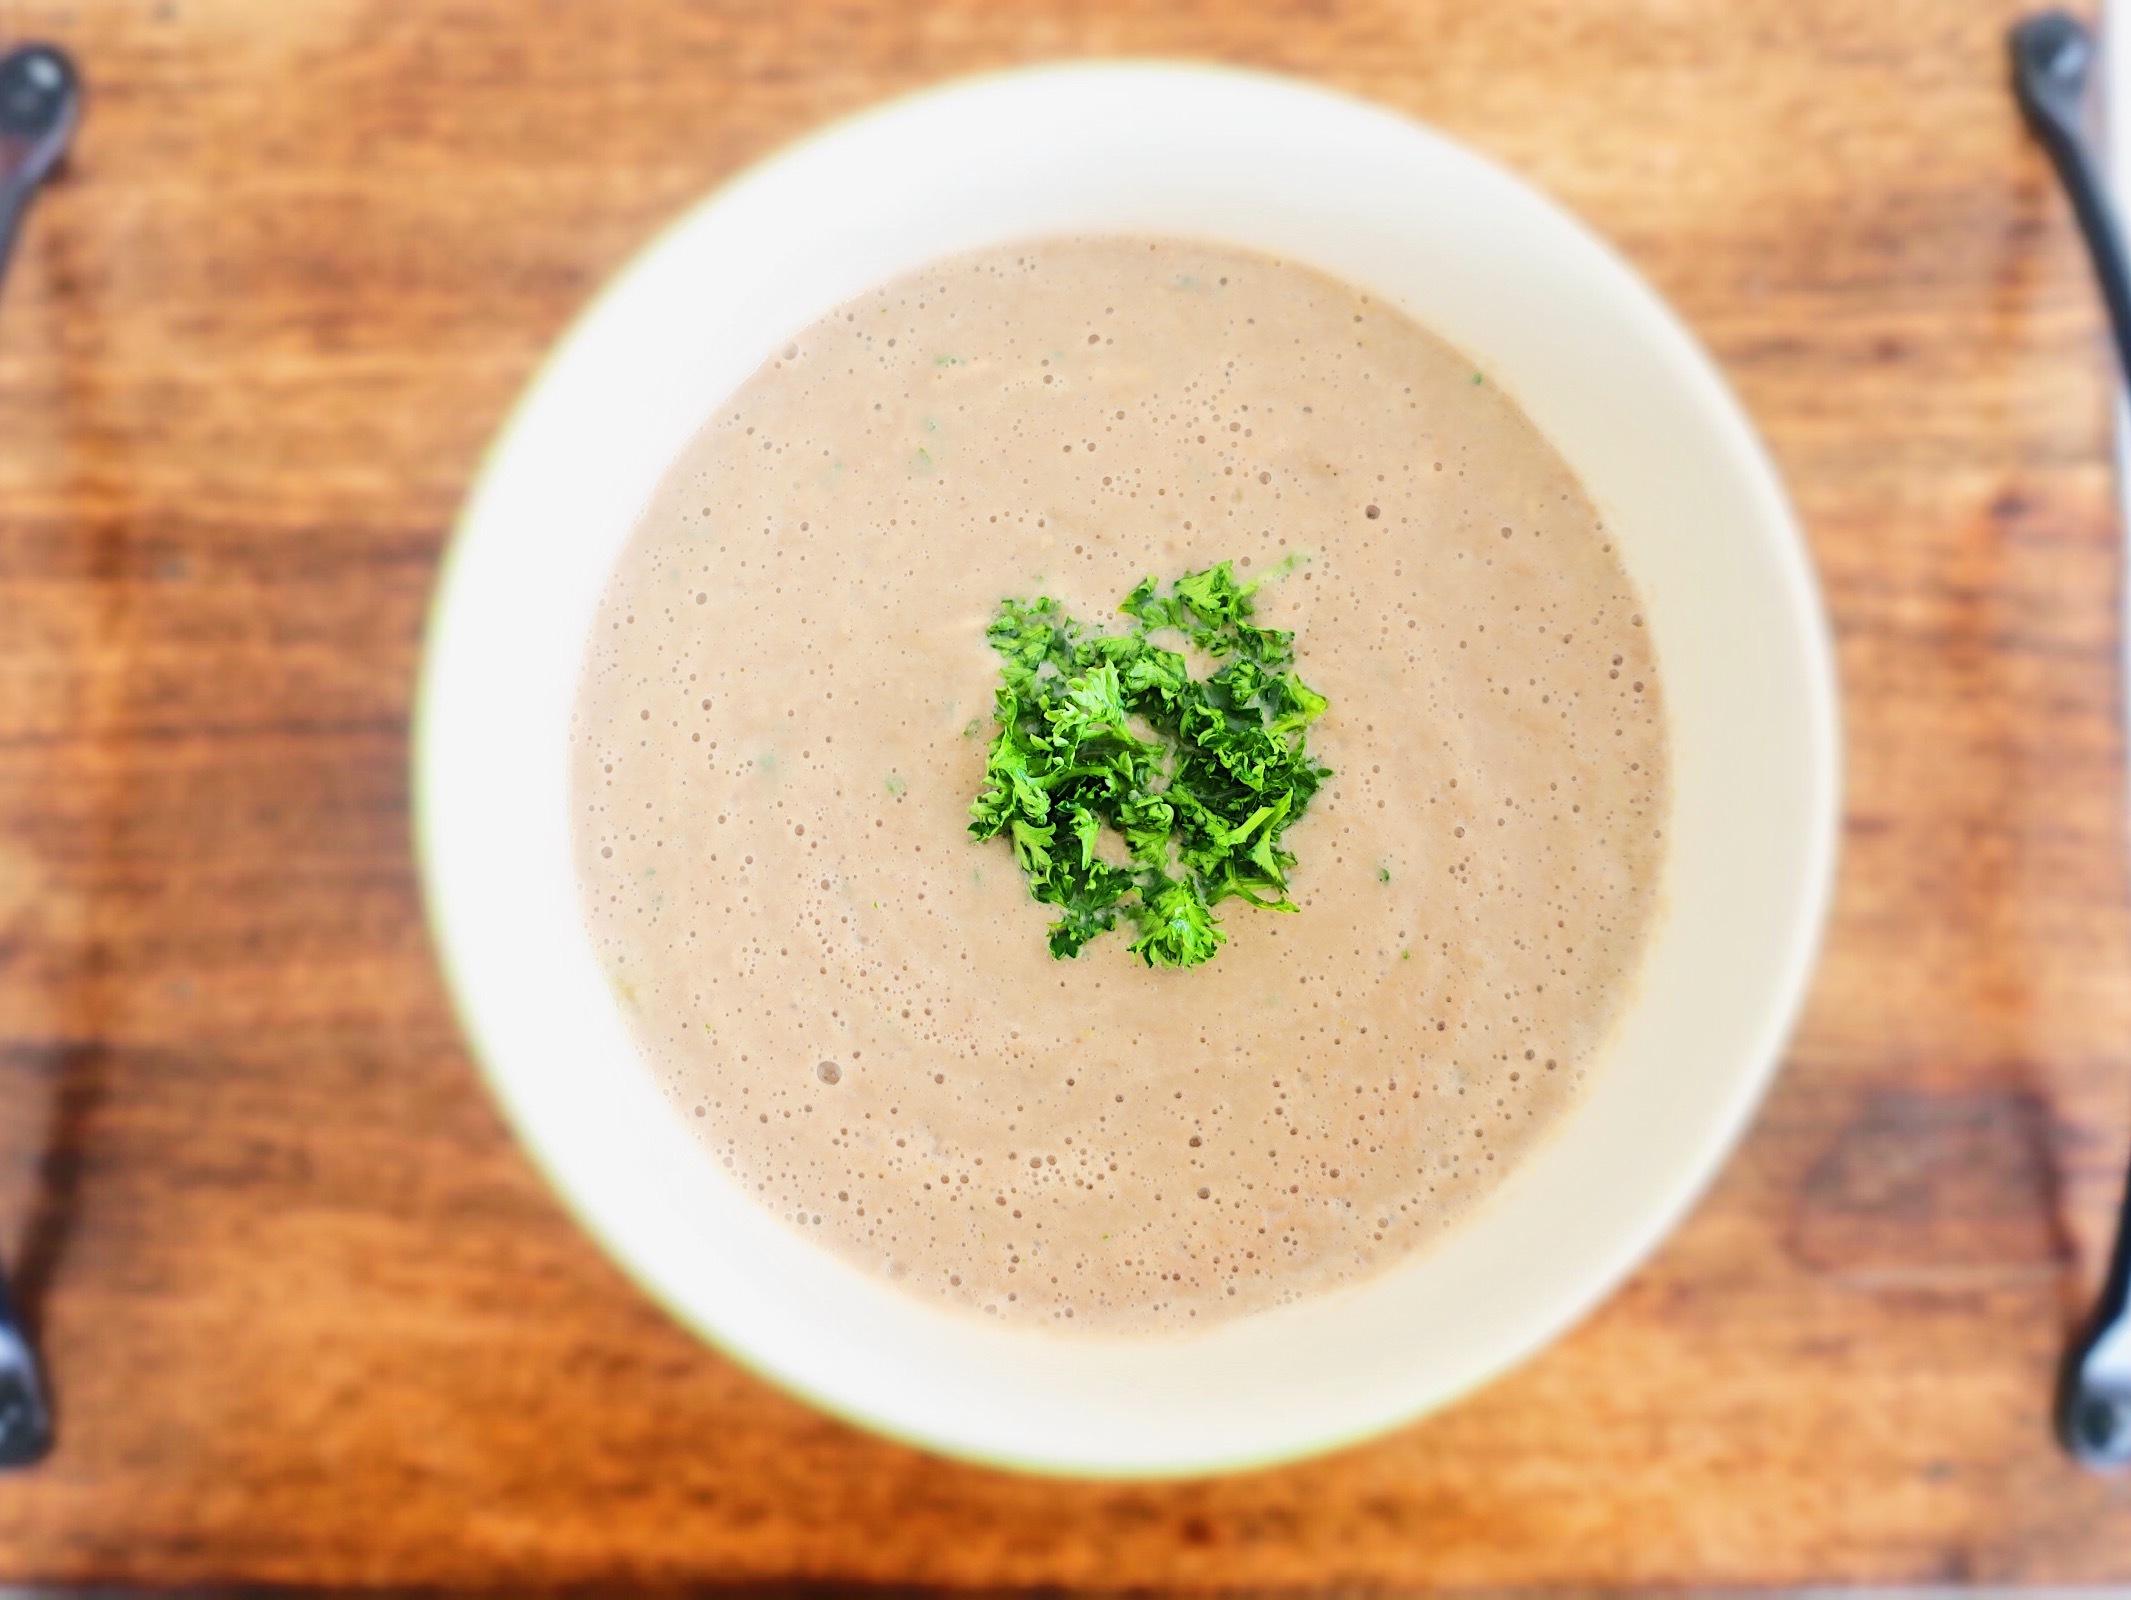 デトックス効果抜群のマッシュルームとごぼうの豆乳ポタージュスープ_1_1